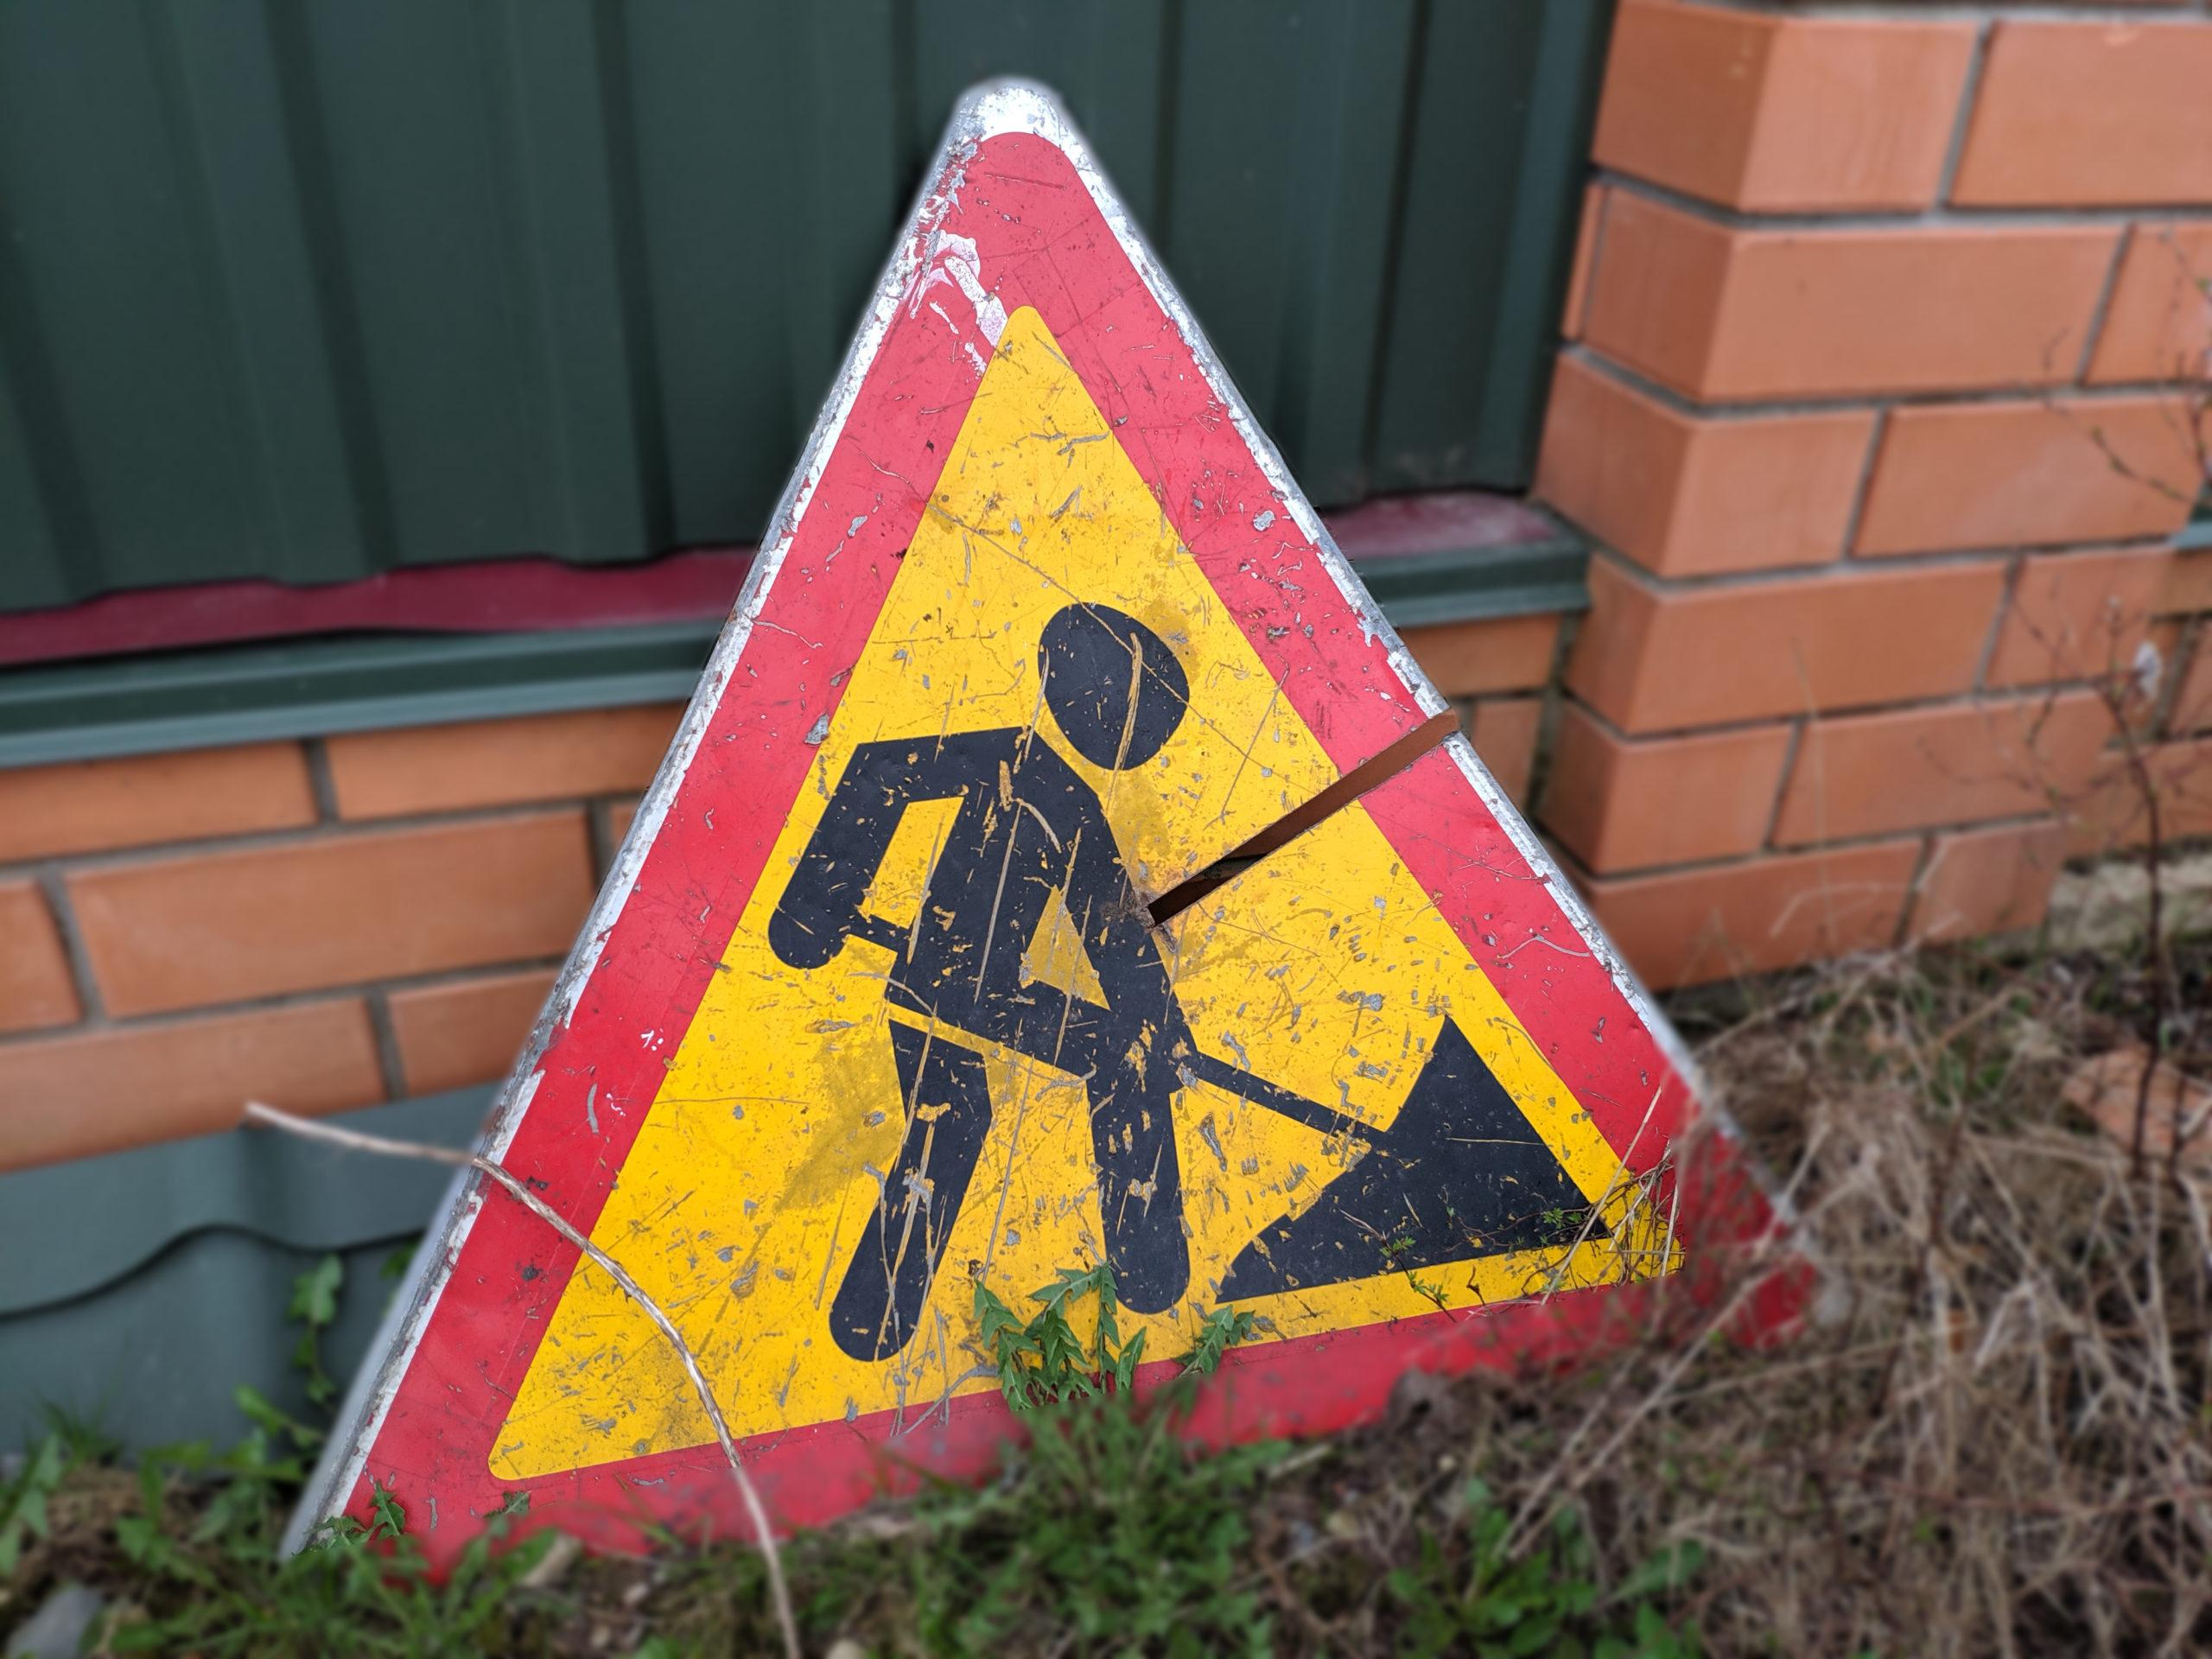 В Смоленске с 10 мая закроют две улицы из-за ремонта коммунальных сетей